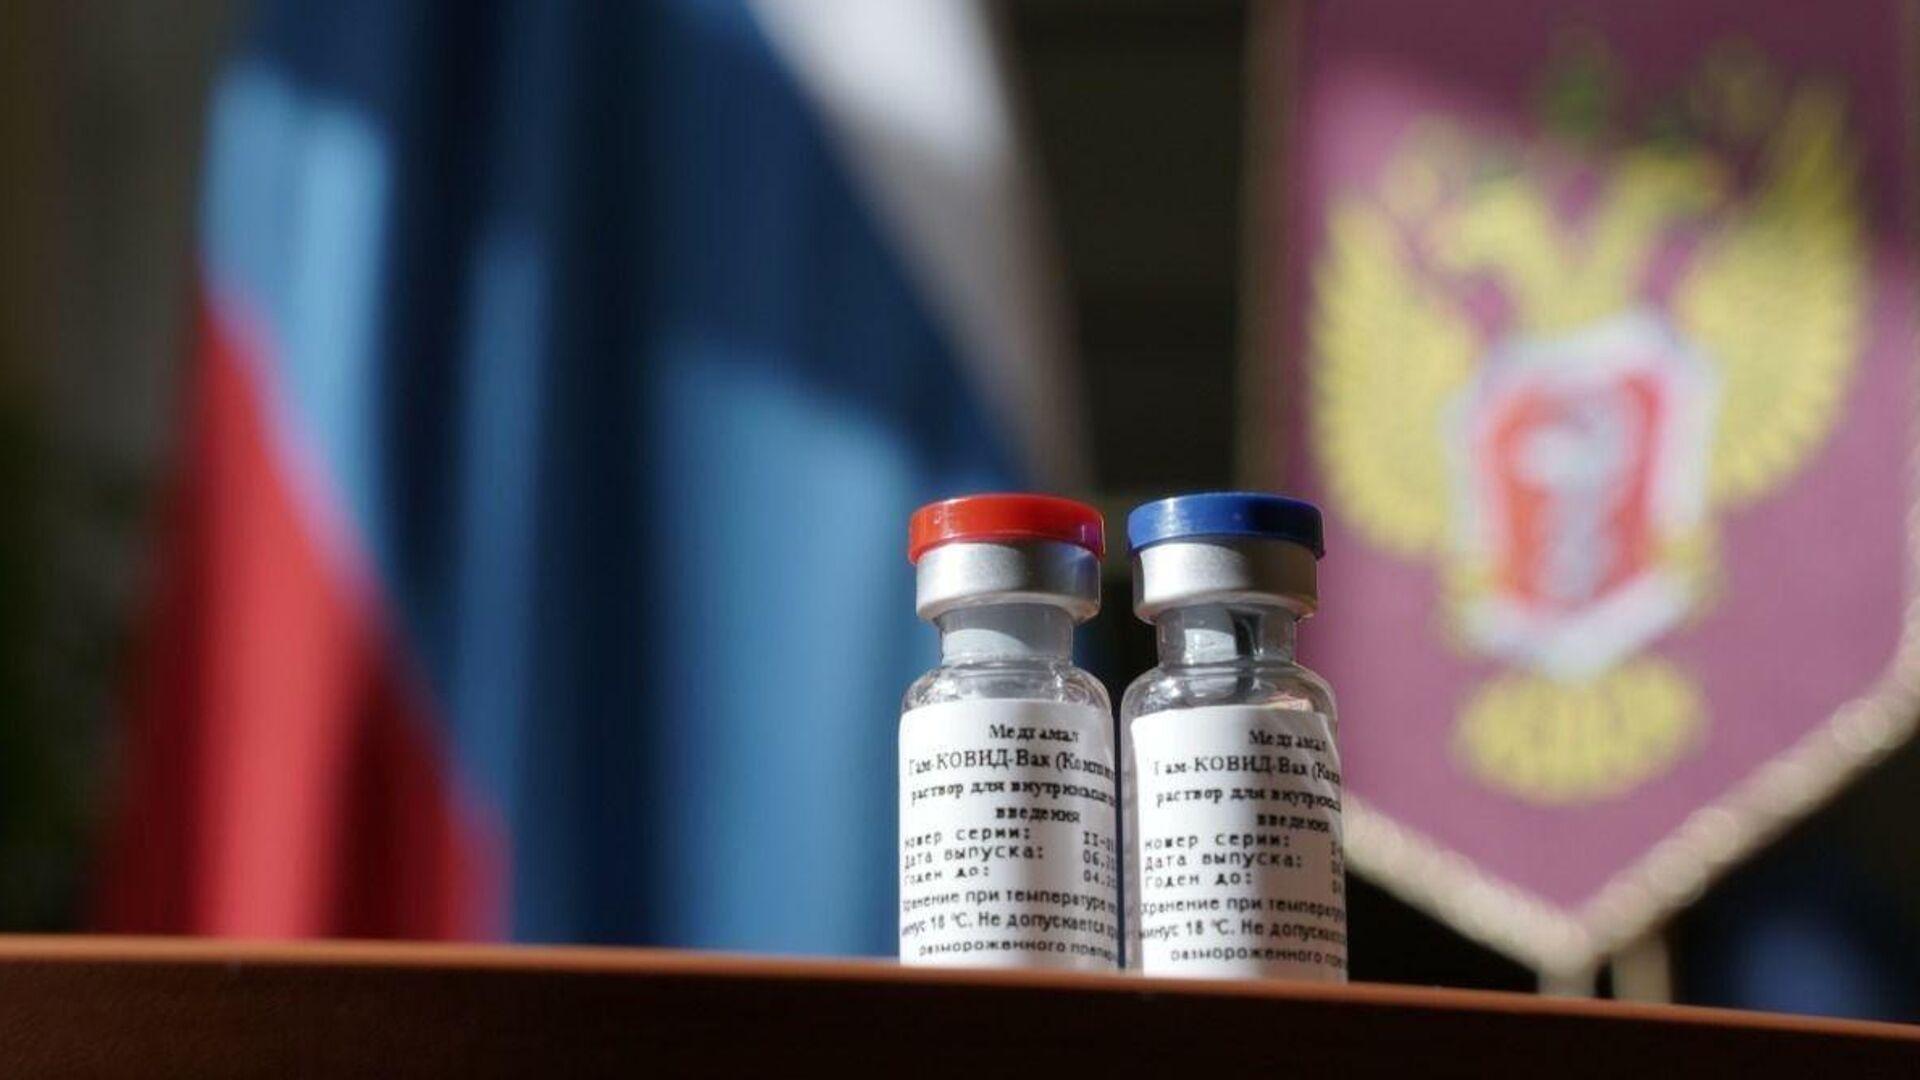 Первая в мире вакцина от коронавируса, зарегистрированная в России - РИА Новости, 1920, 15.09.2020